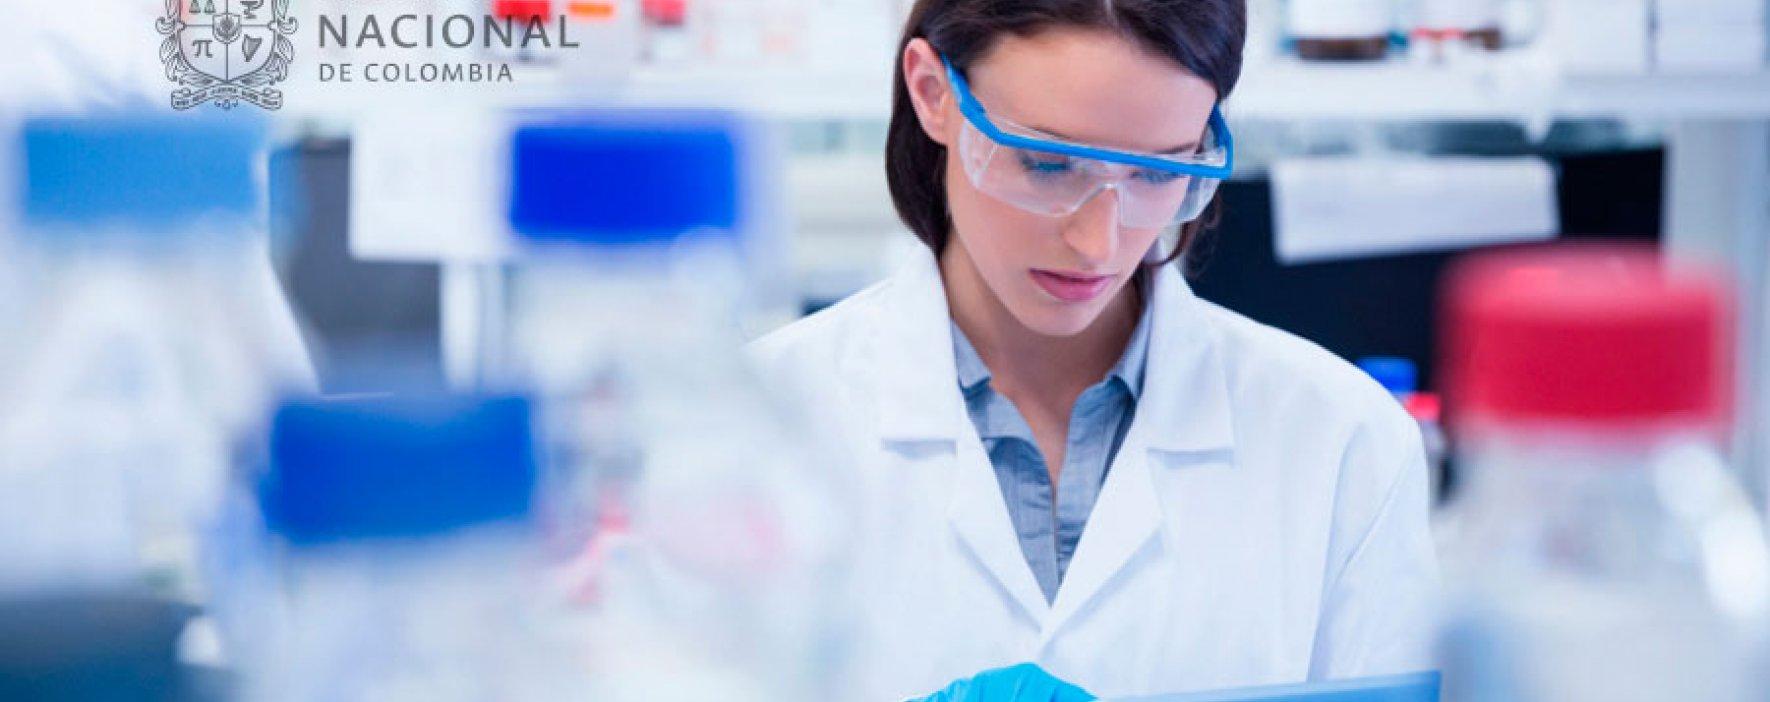 La Universidad Nacional se destaca en investigación